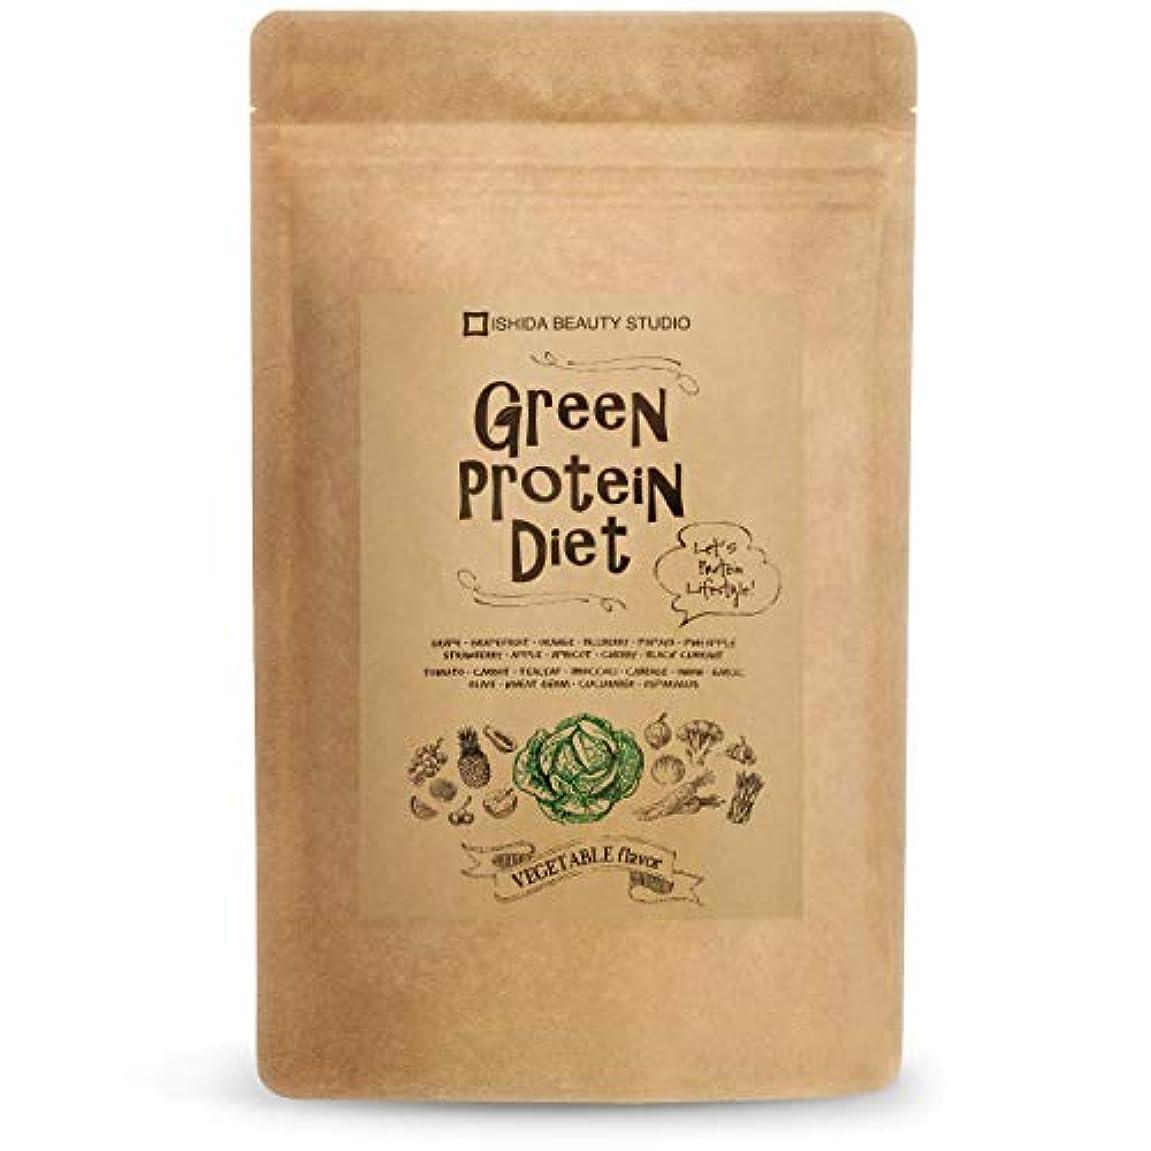 ブランク病気だと思うボイコットグリーン プロテイン ダイエット シェイク 置き換え スムージー 酵素青汁配合 (ベジタブル, 200)